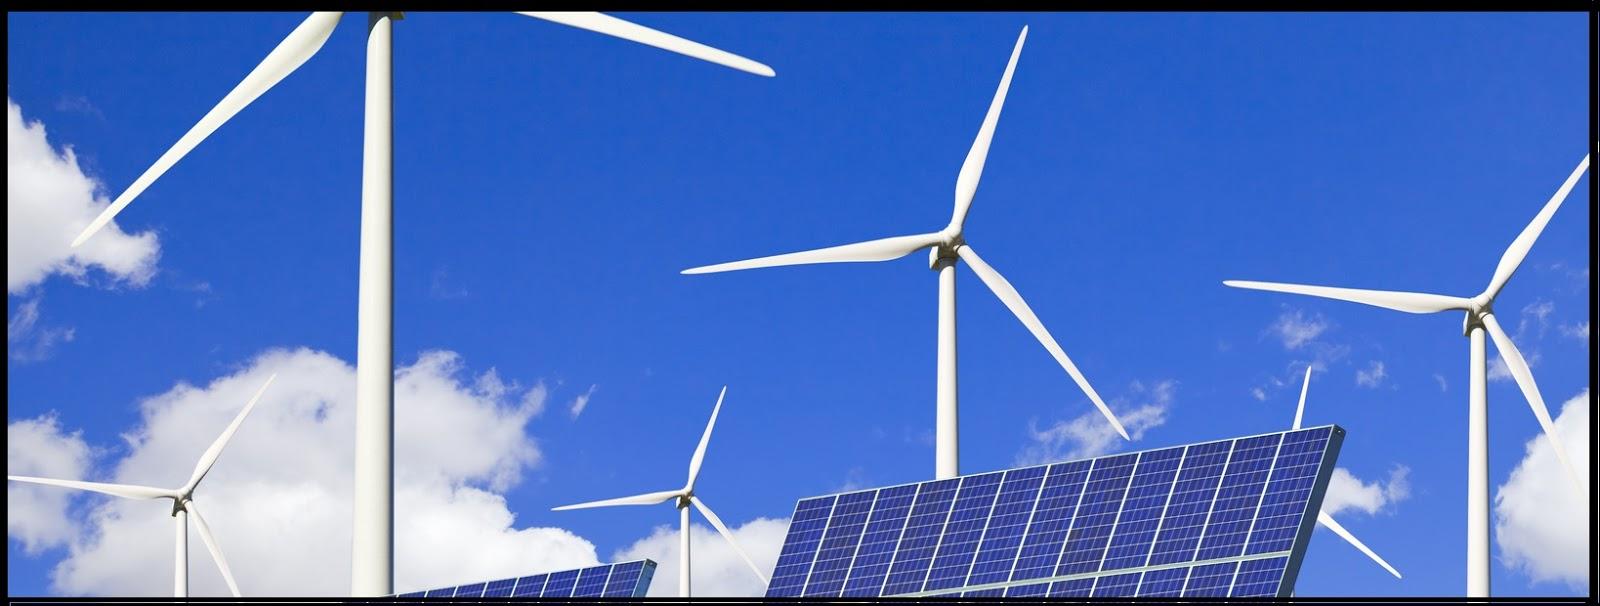 La puerta de bemdas tin1 actividad energ as renovables - Fotos energias renovables ...